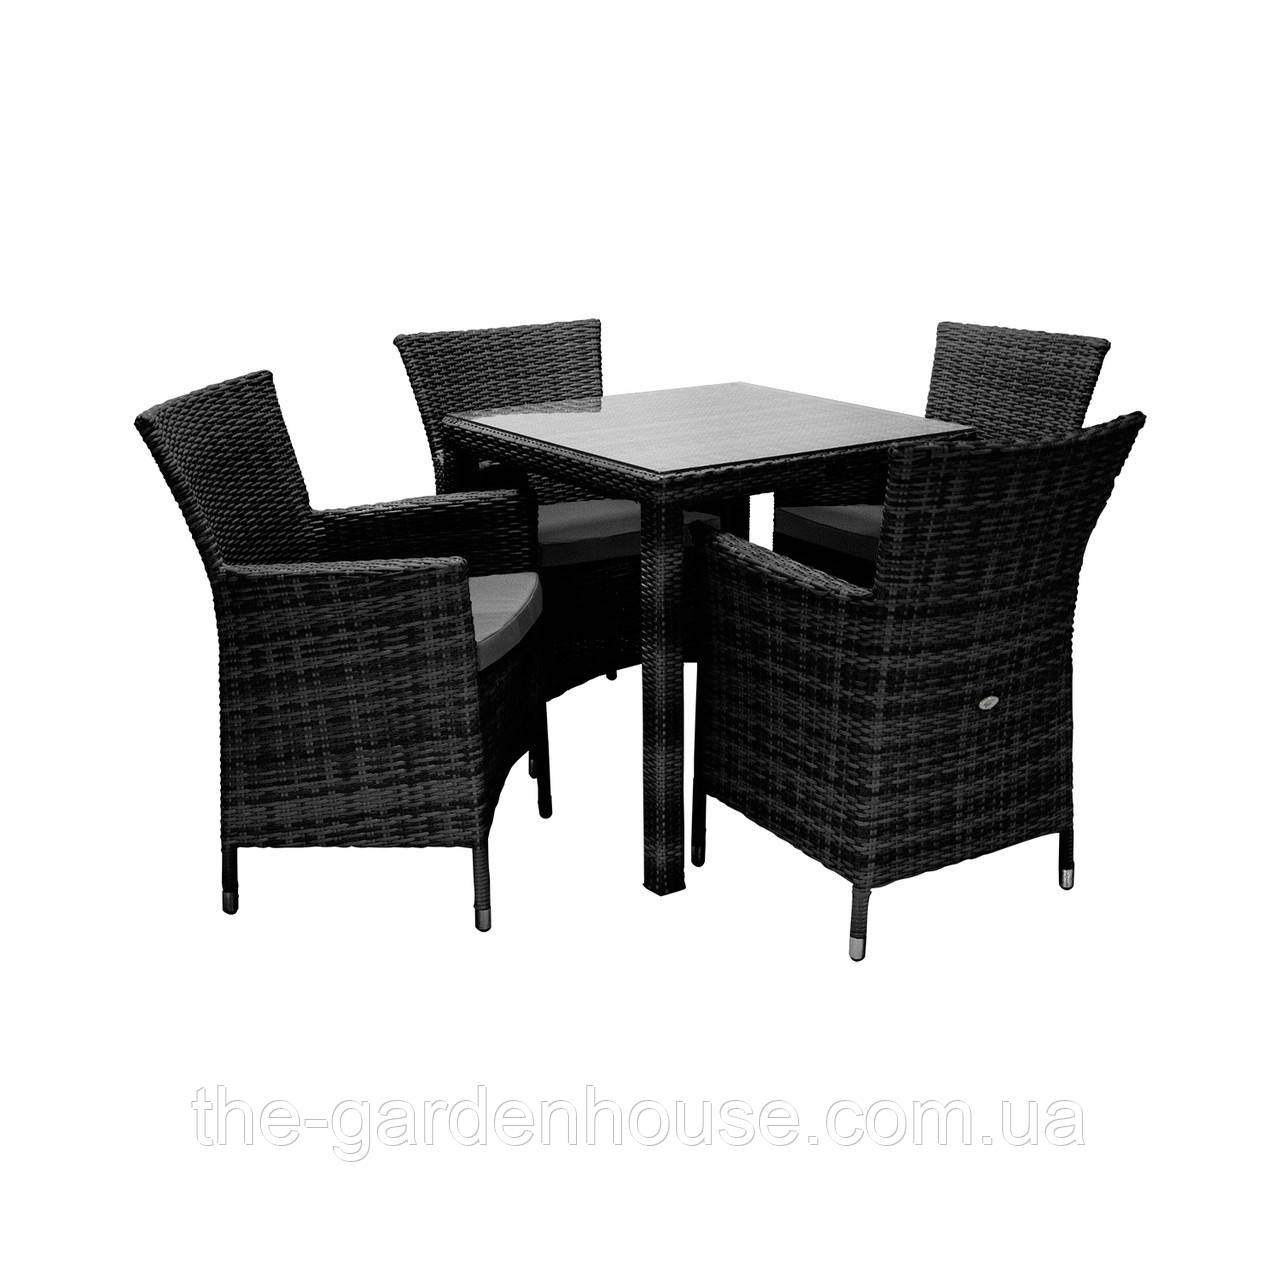 Столовый набор садовой мебели WICKER из искусственного ротанга черный